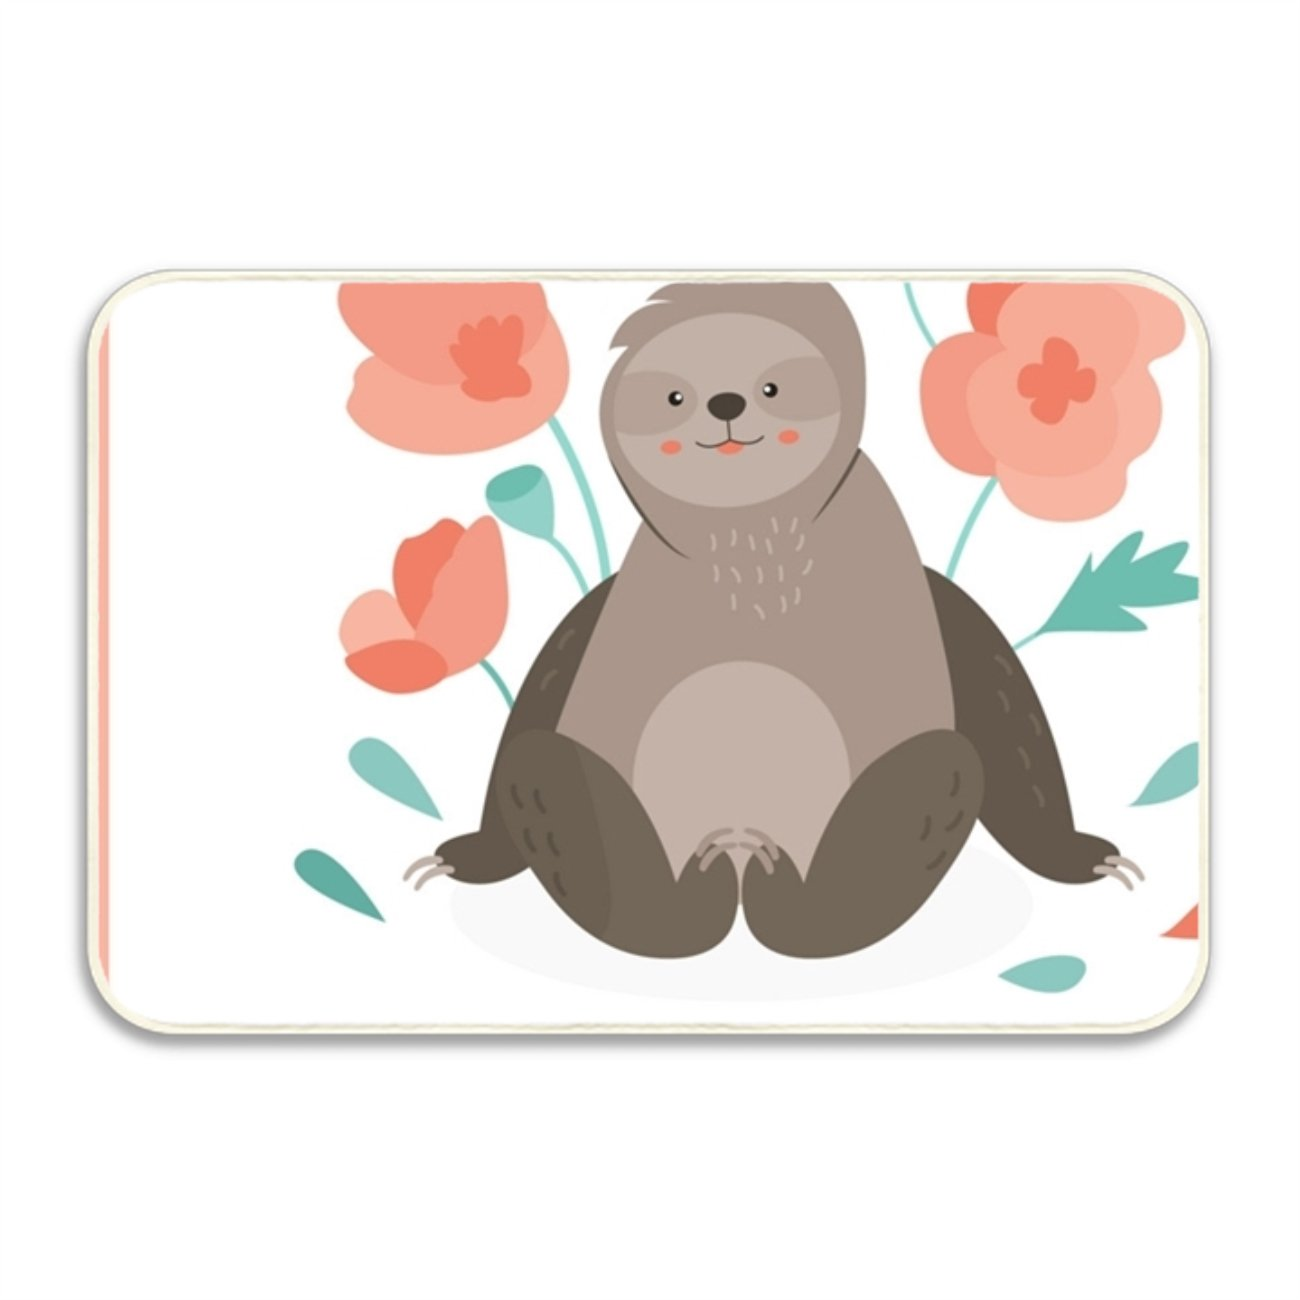 WYIOU Household Shoe Floor Mat Sloth In Pink Flowers For School Printed